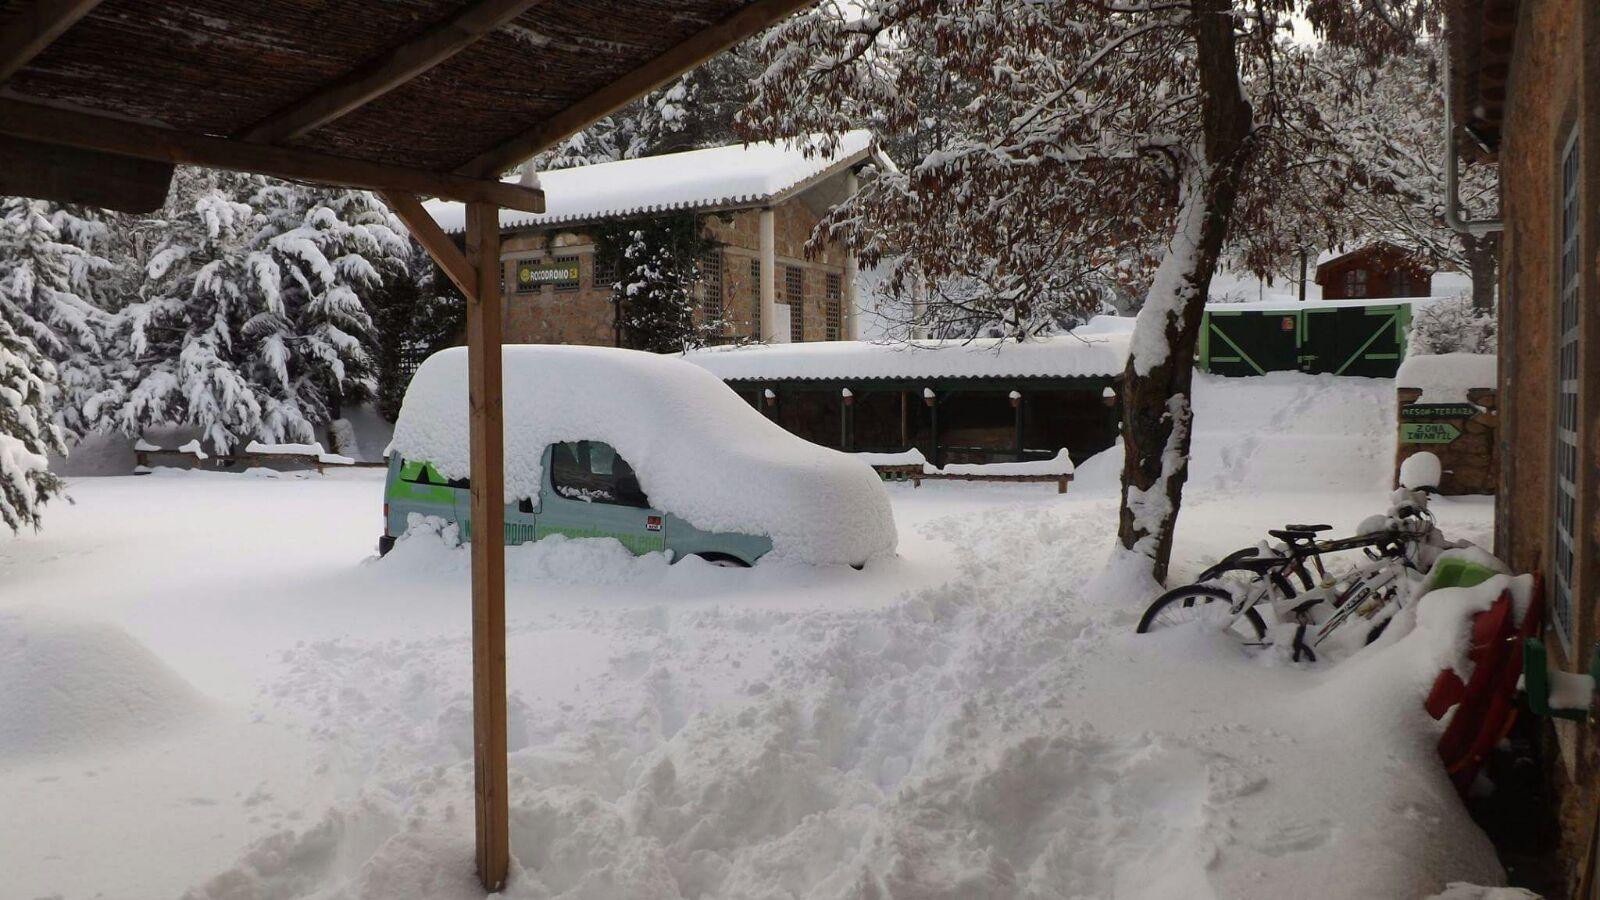 Las menas - Seron nevado